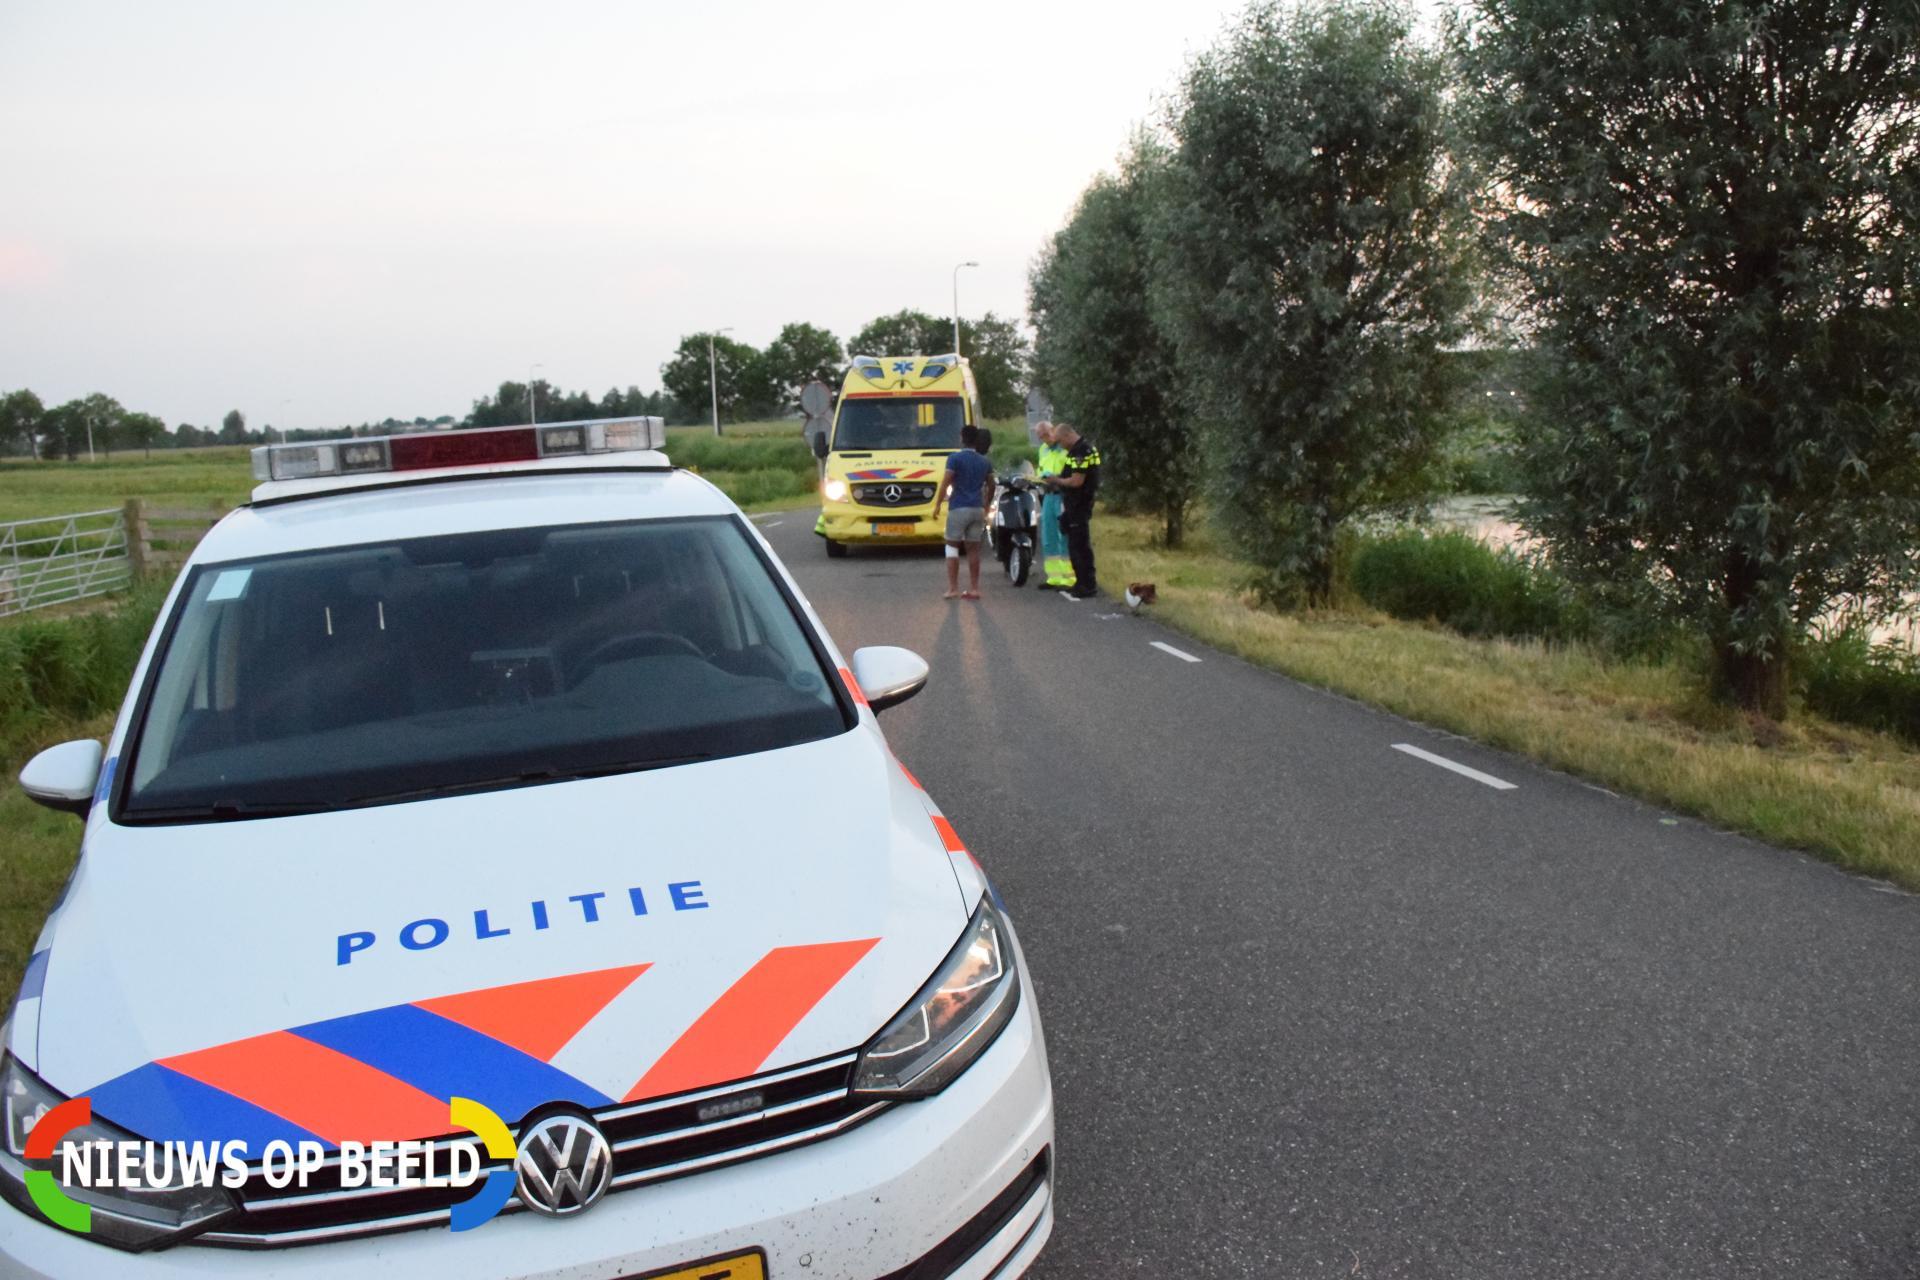 Scooterrijder glijdt onderuit en raakt licht gewond Capellelaan Bergambacht